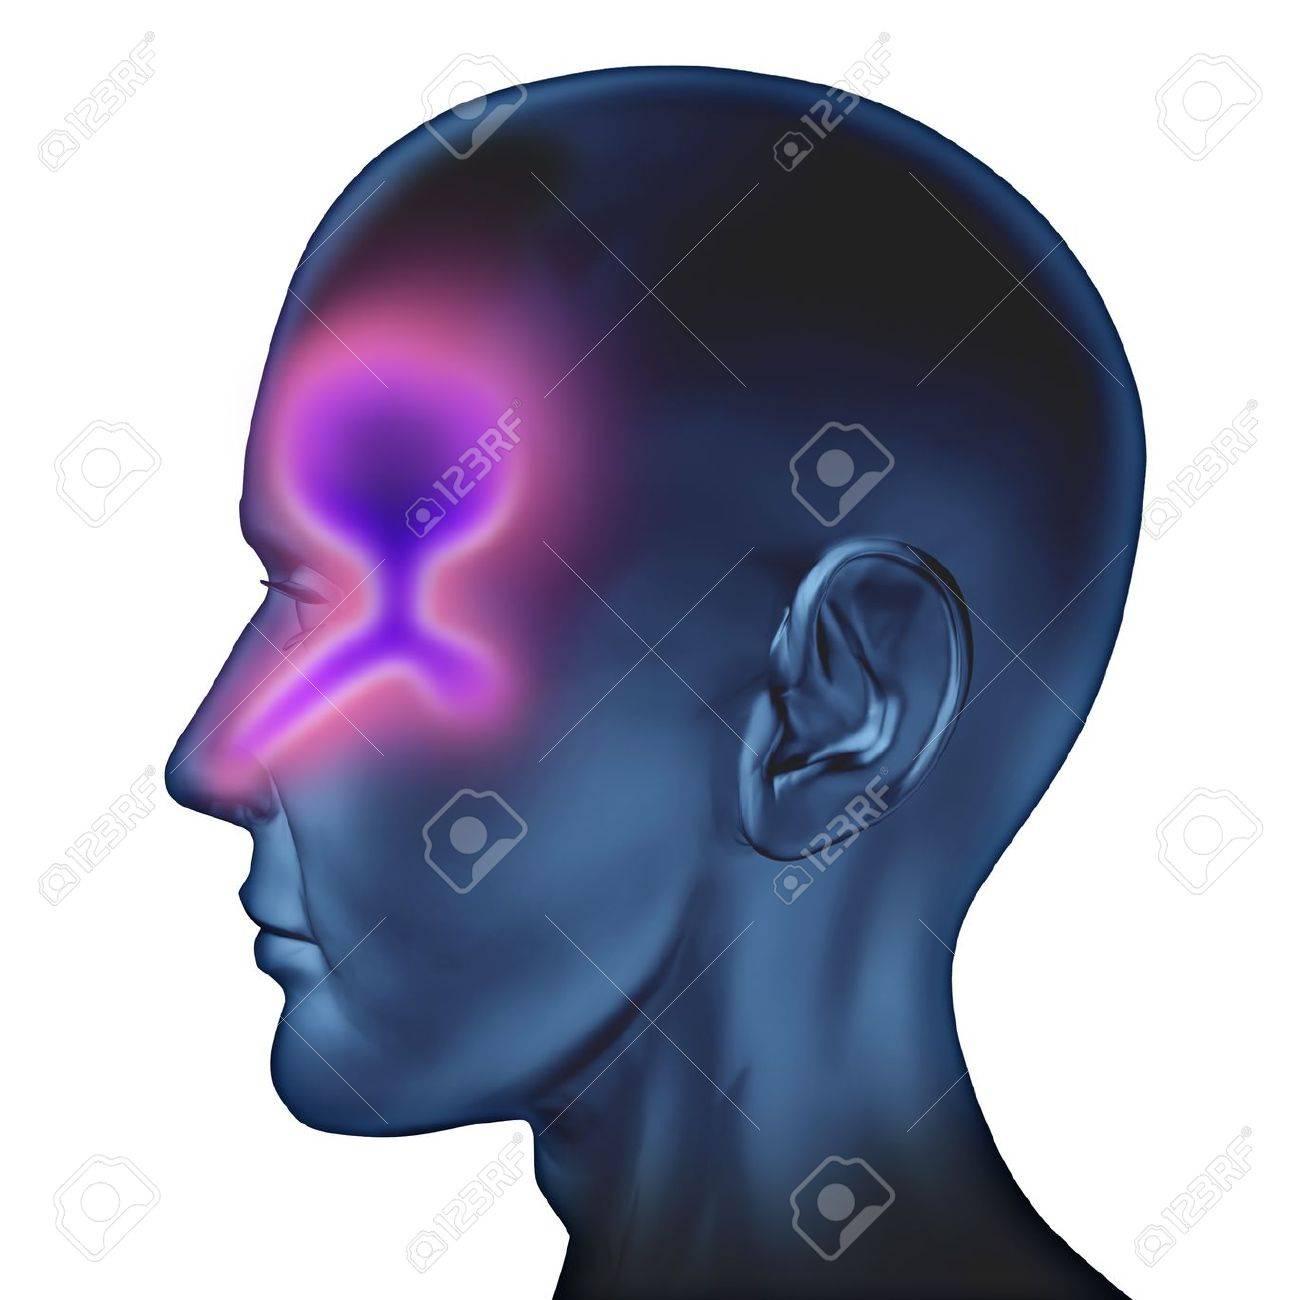 Humanos Congestión Nasal Relacionado Con La Tos Gripe Y Resfriado ...